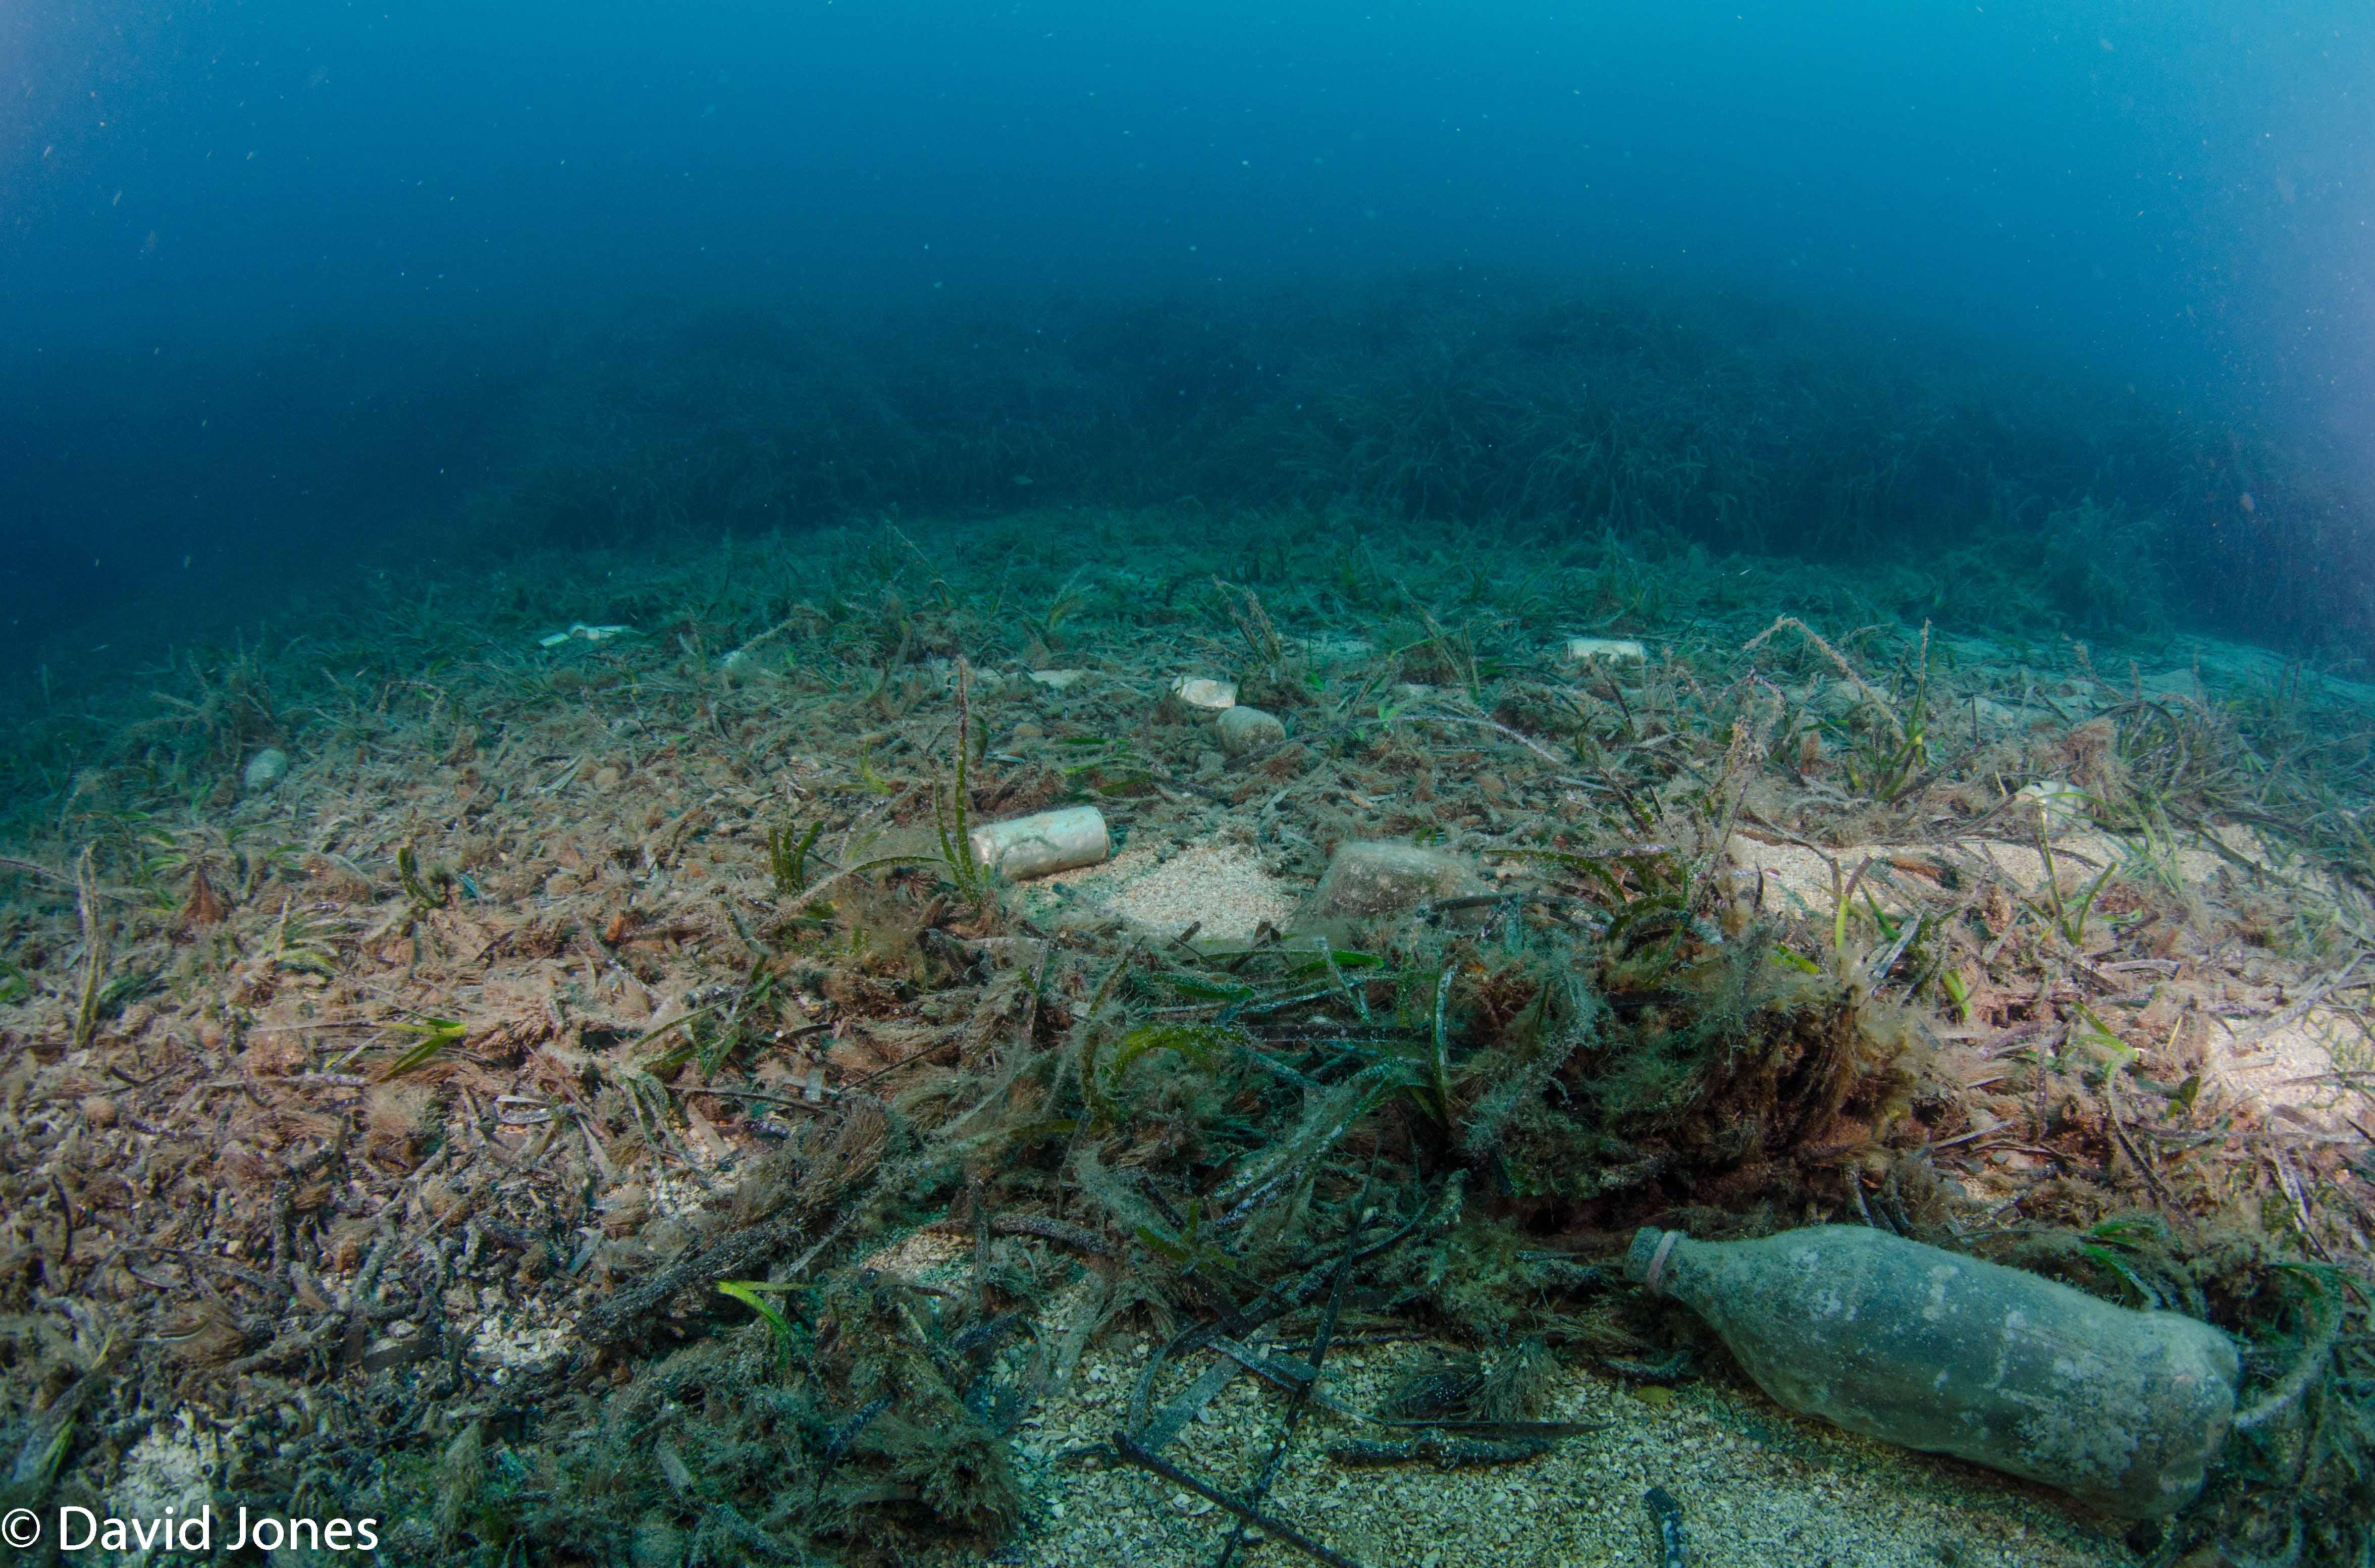 Plastic bottles on the sea floor